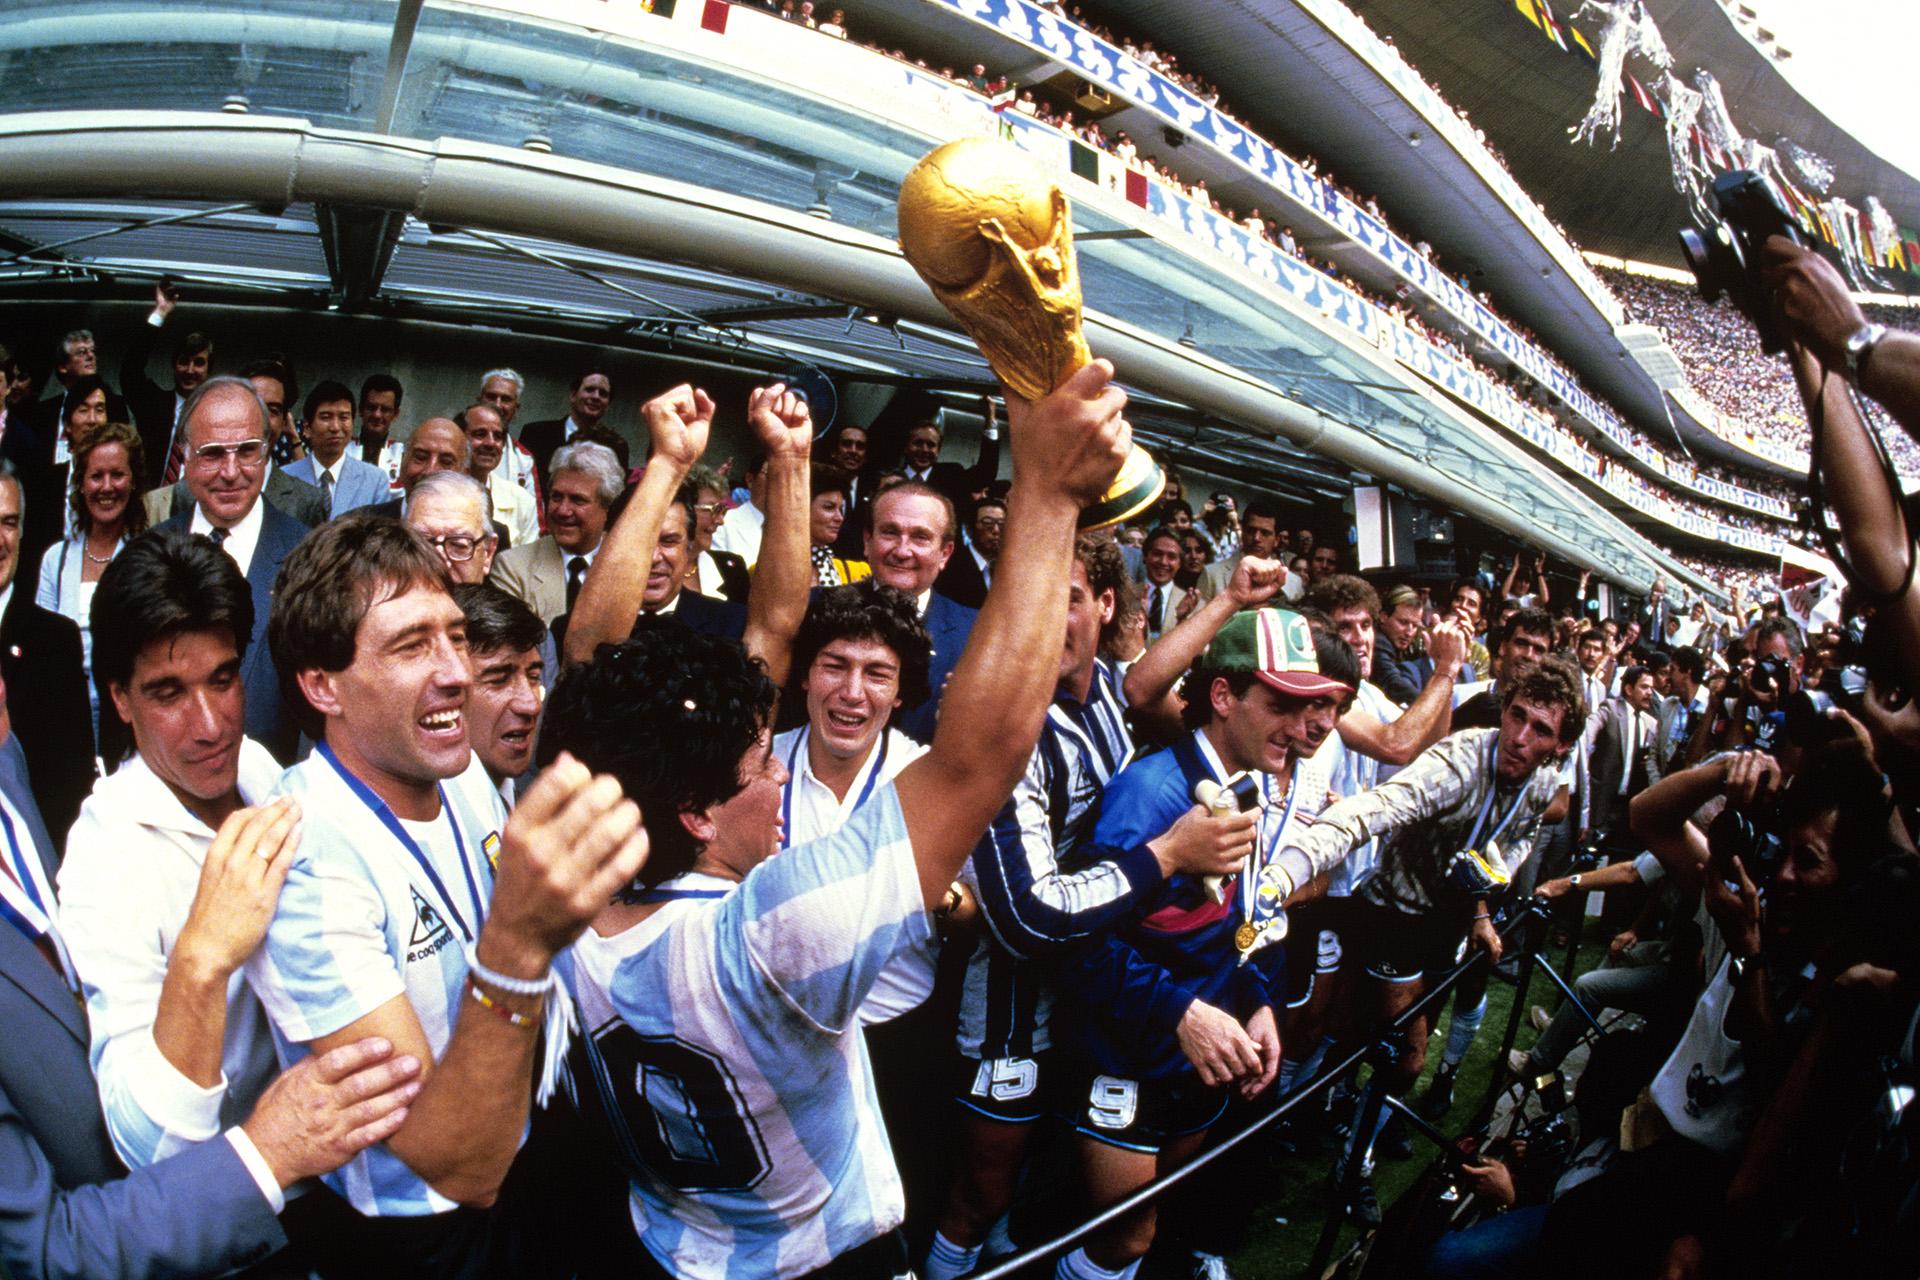 El 10 argentino levanta el trofeo junto a sus compañeros en uno de los palcos del estadio Azteca